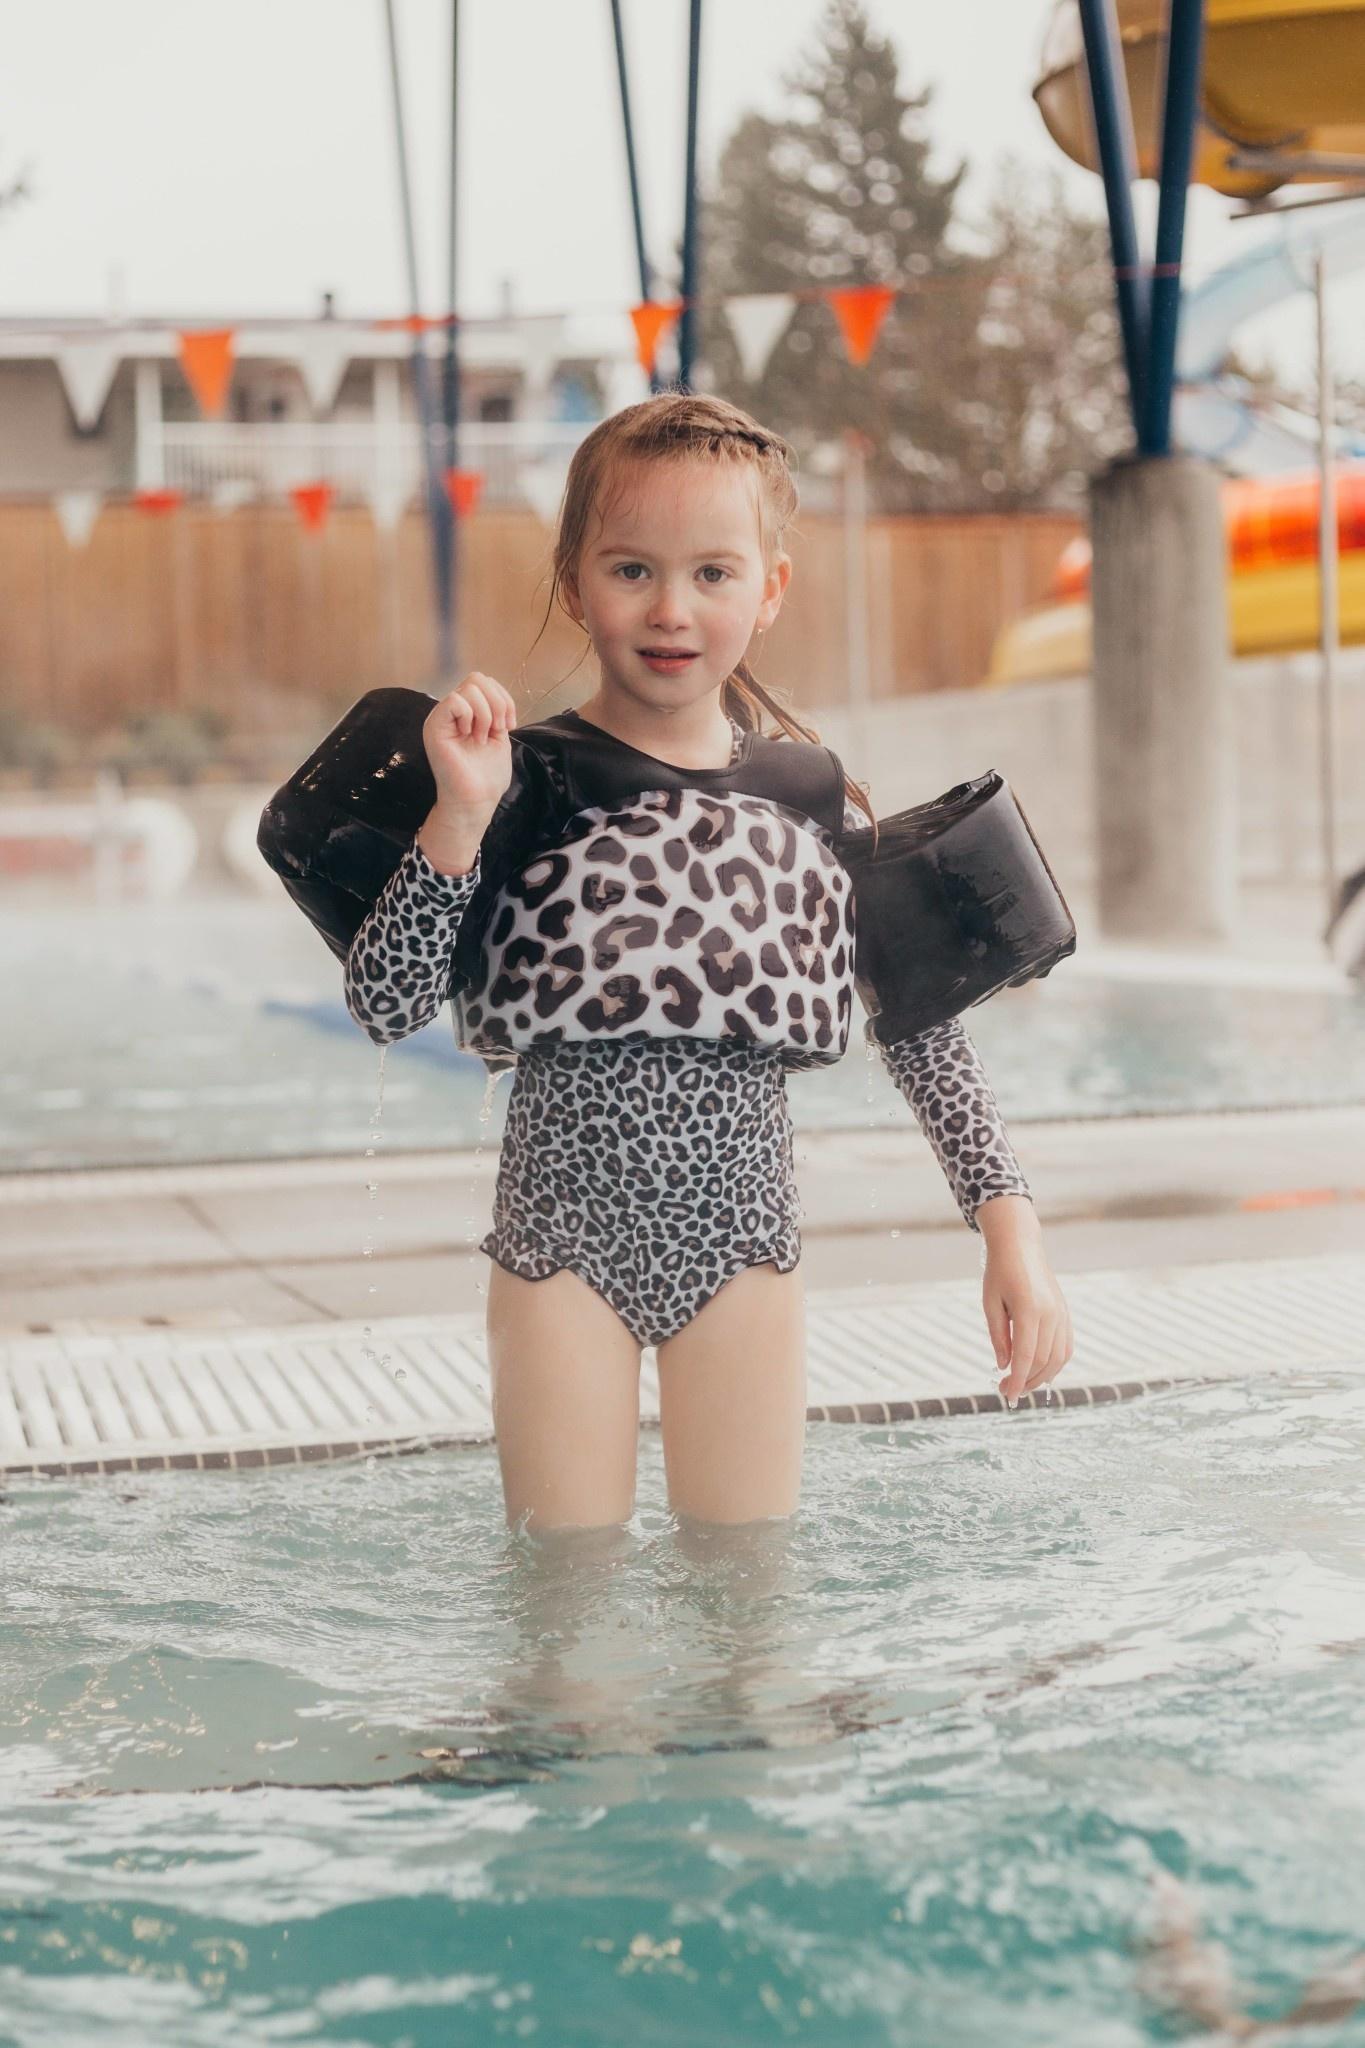 Current Tyed Clothing The Shae Ruffle Rashguard Swimsuit